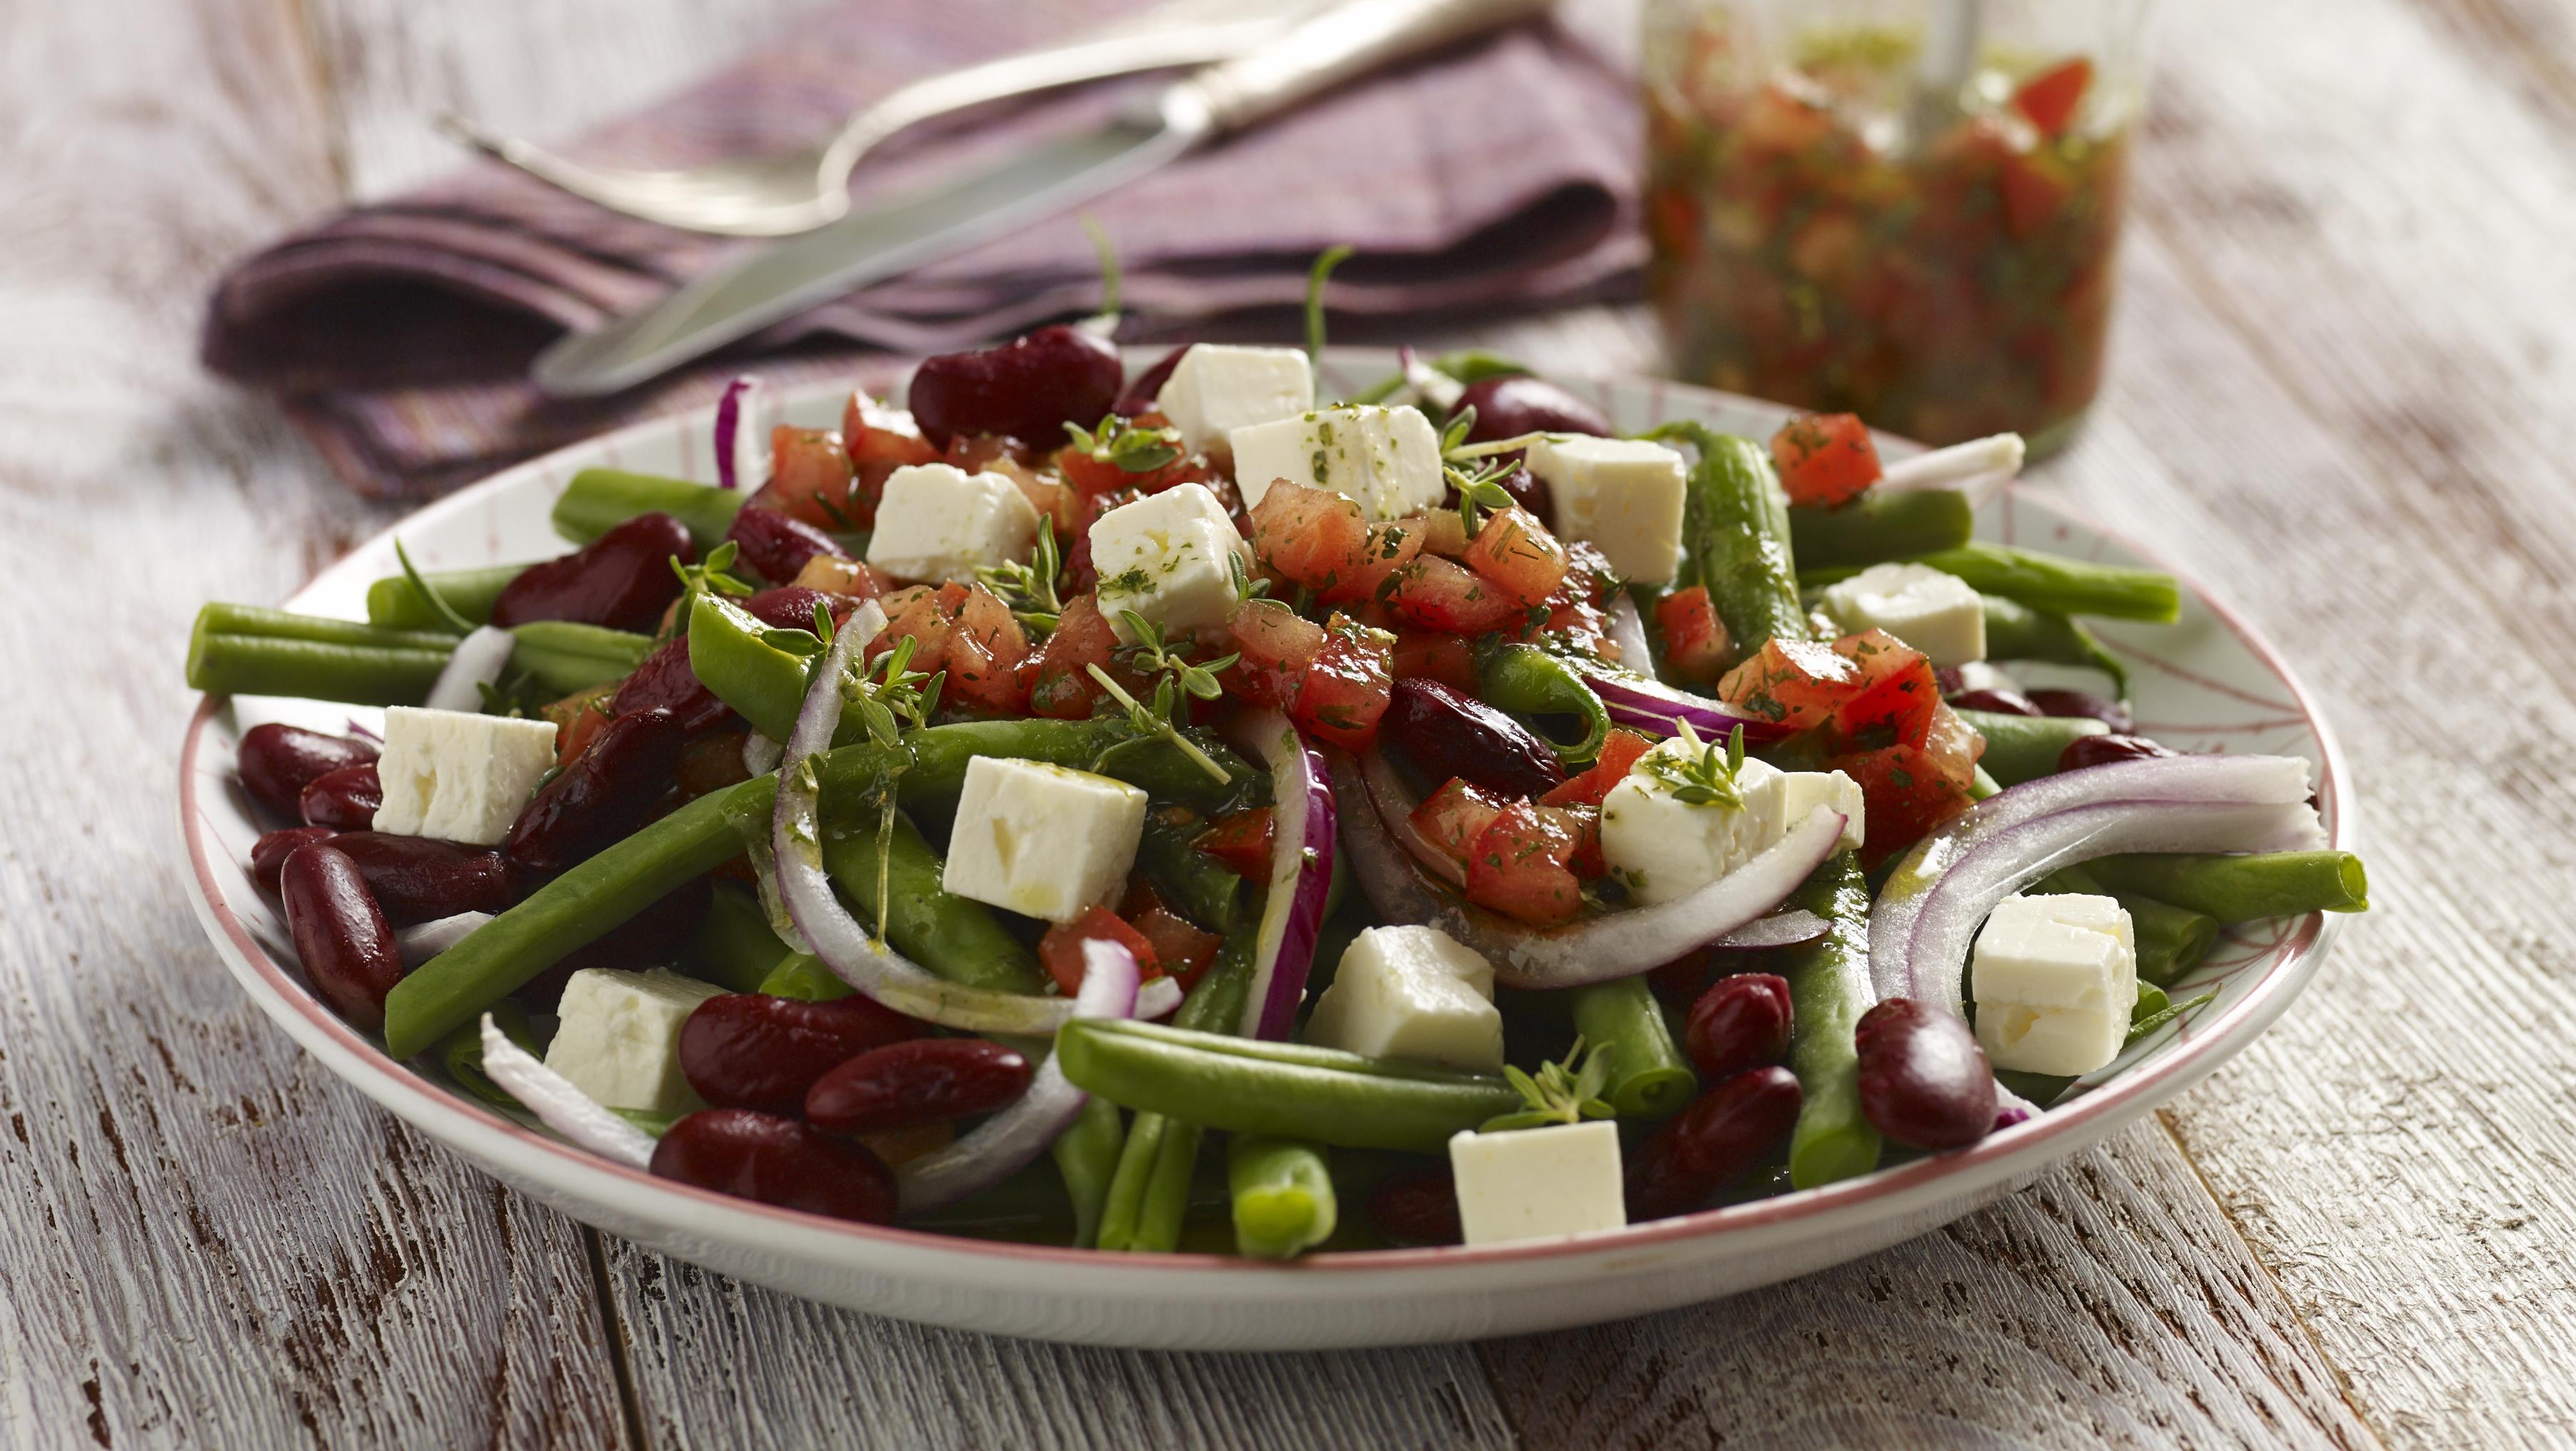 Ensalada de jud as verdes tomate y queso feta - Ensalada de judias verdes arguinano ...